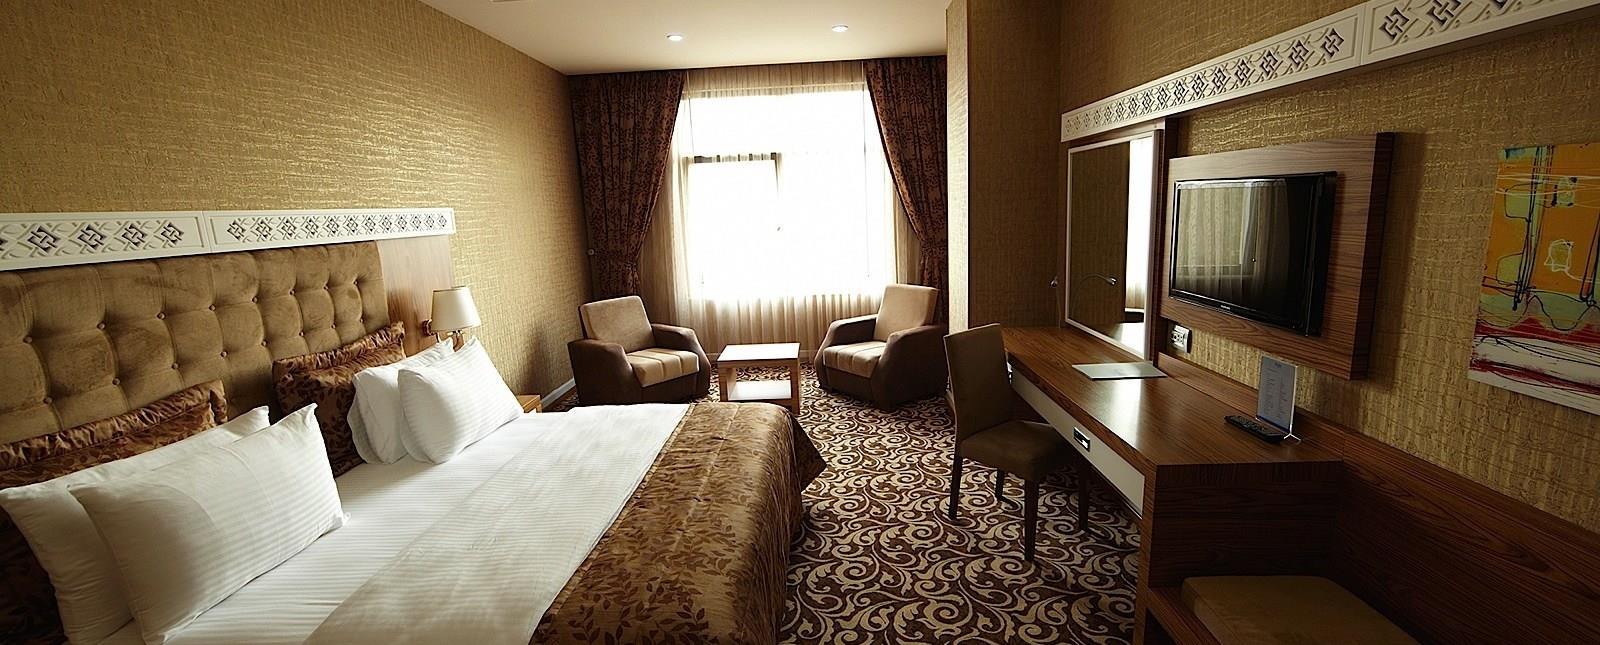 Divan Express Baku Hotel267914